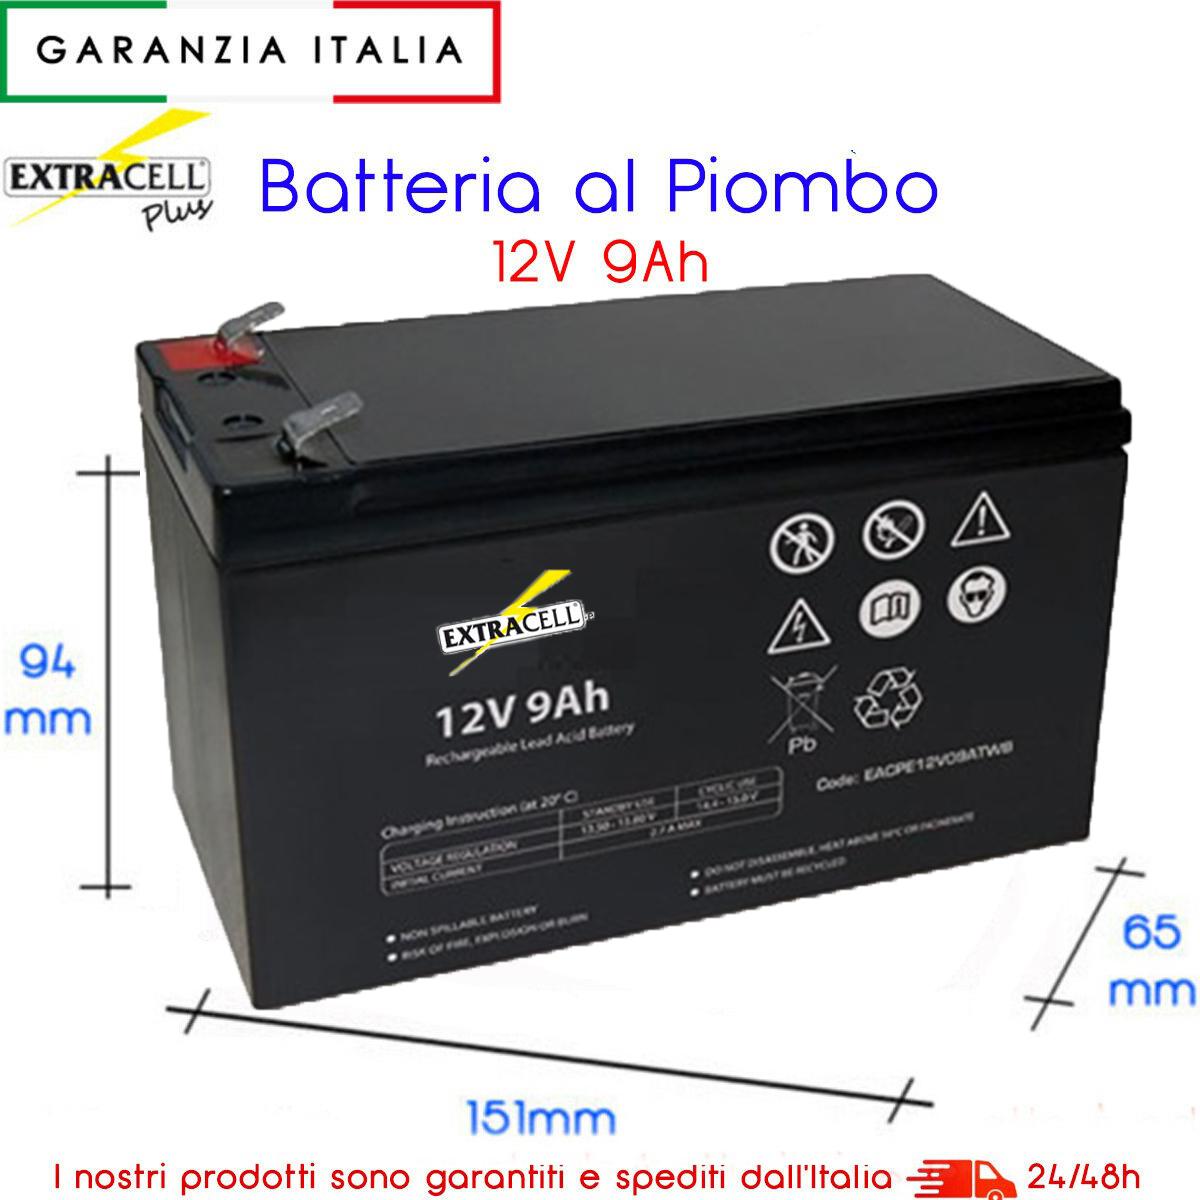 Batterie Per Lampade Di Emergenza.Batteria Ermetica Ricaricabile Al Piombo 12v 9ah Ideale Per Lampade Di Emergenza